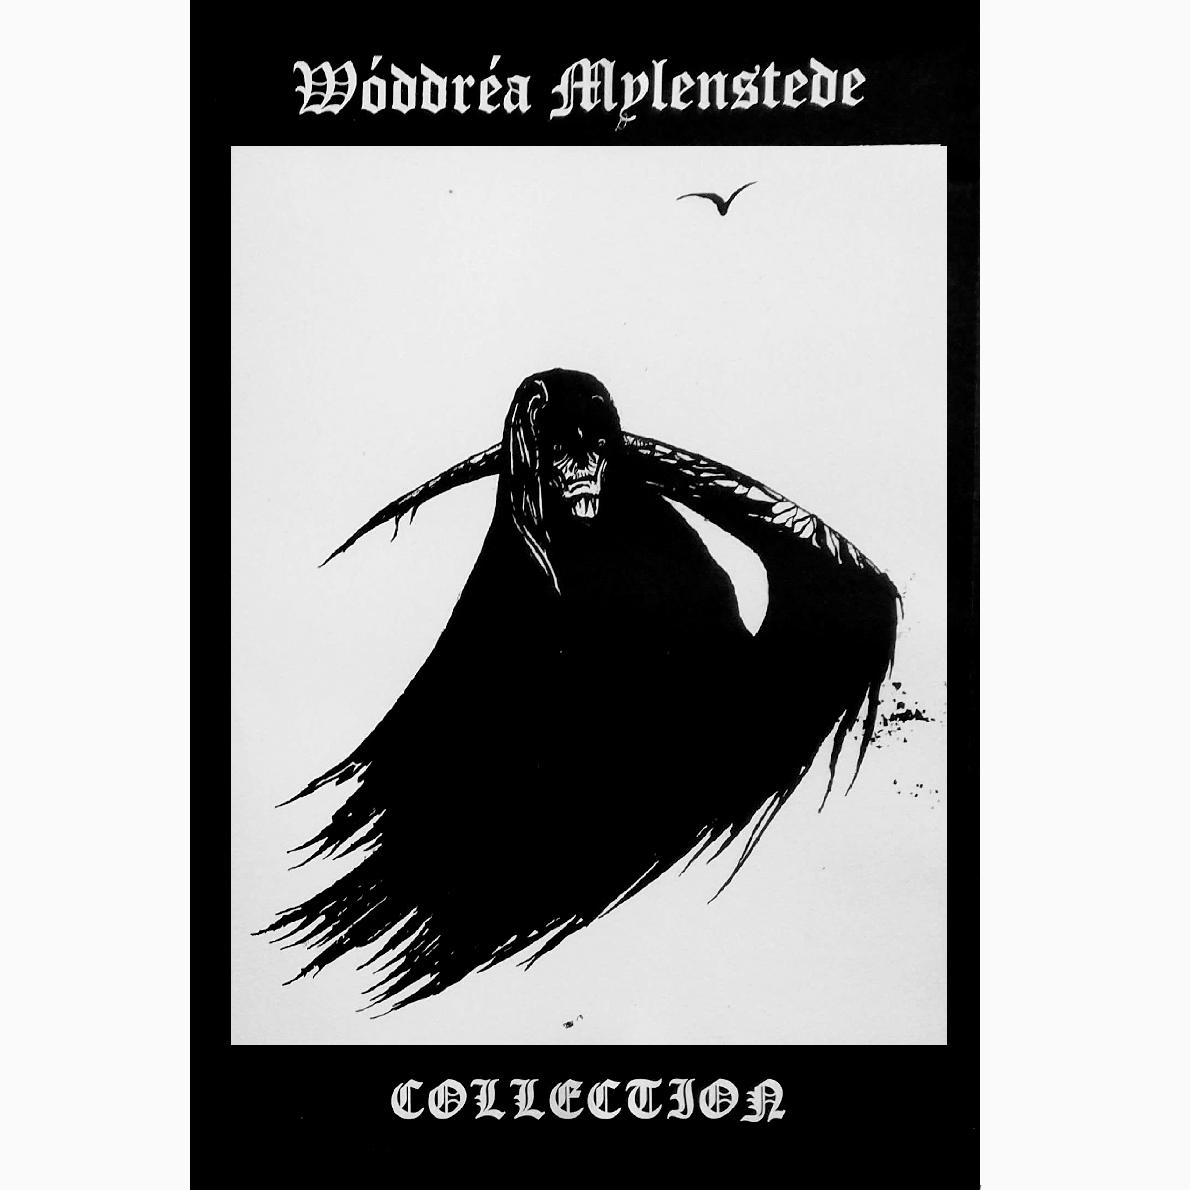 WÓDDRÉA MYLENSTEDE - Collection